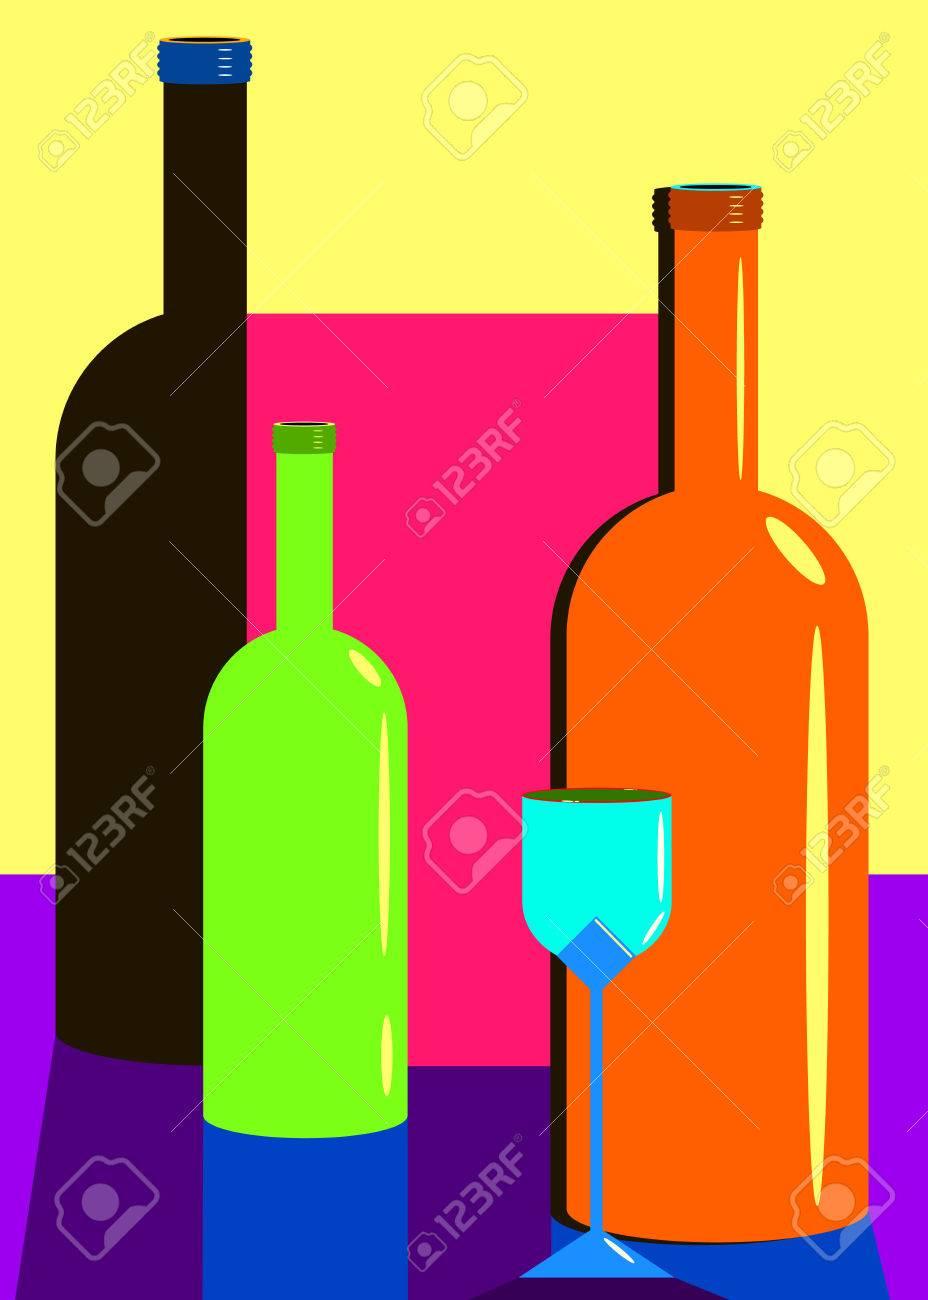 ワイングラス アルコール瓶ドリンク イラスト ロイヤリティフリー